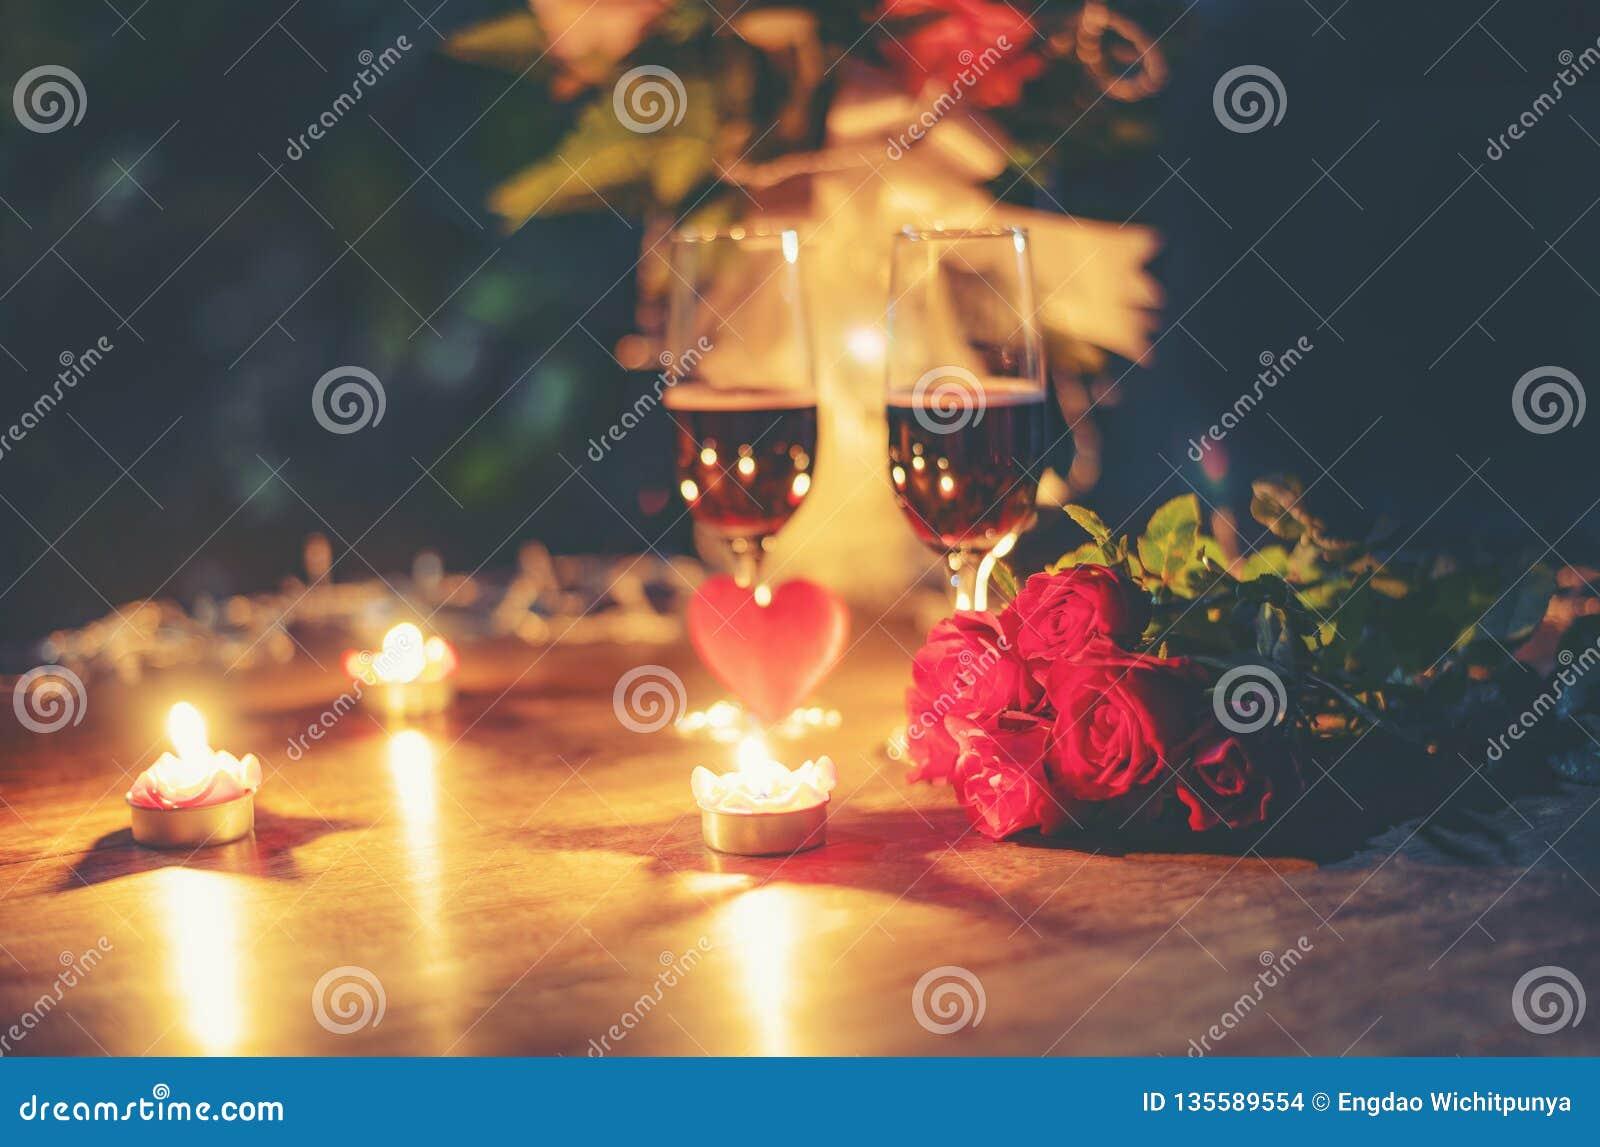 Βαλεντίνων ρομαντική επιτραπέζια ρύθμιση έννοιας αγάπης γευμάτων η ρομαντική διακόσμησε με το κόκκινο λουλούδι τριαντάφυλλων γυαλ